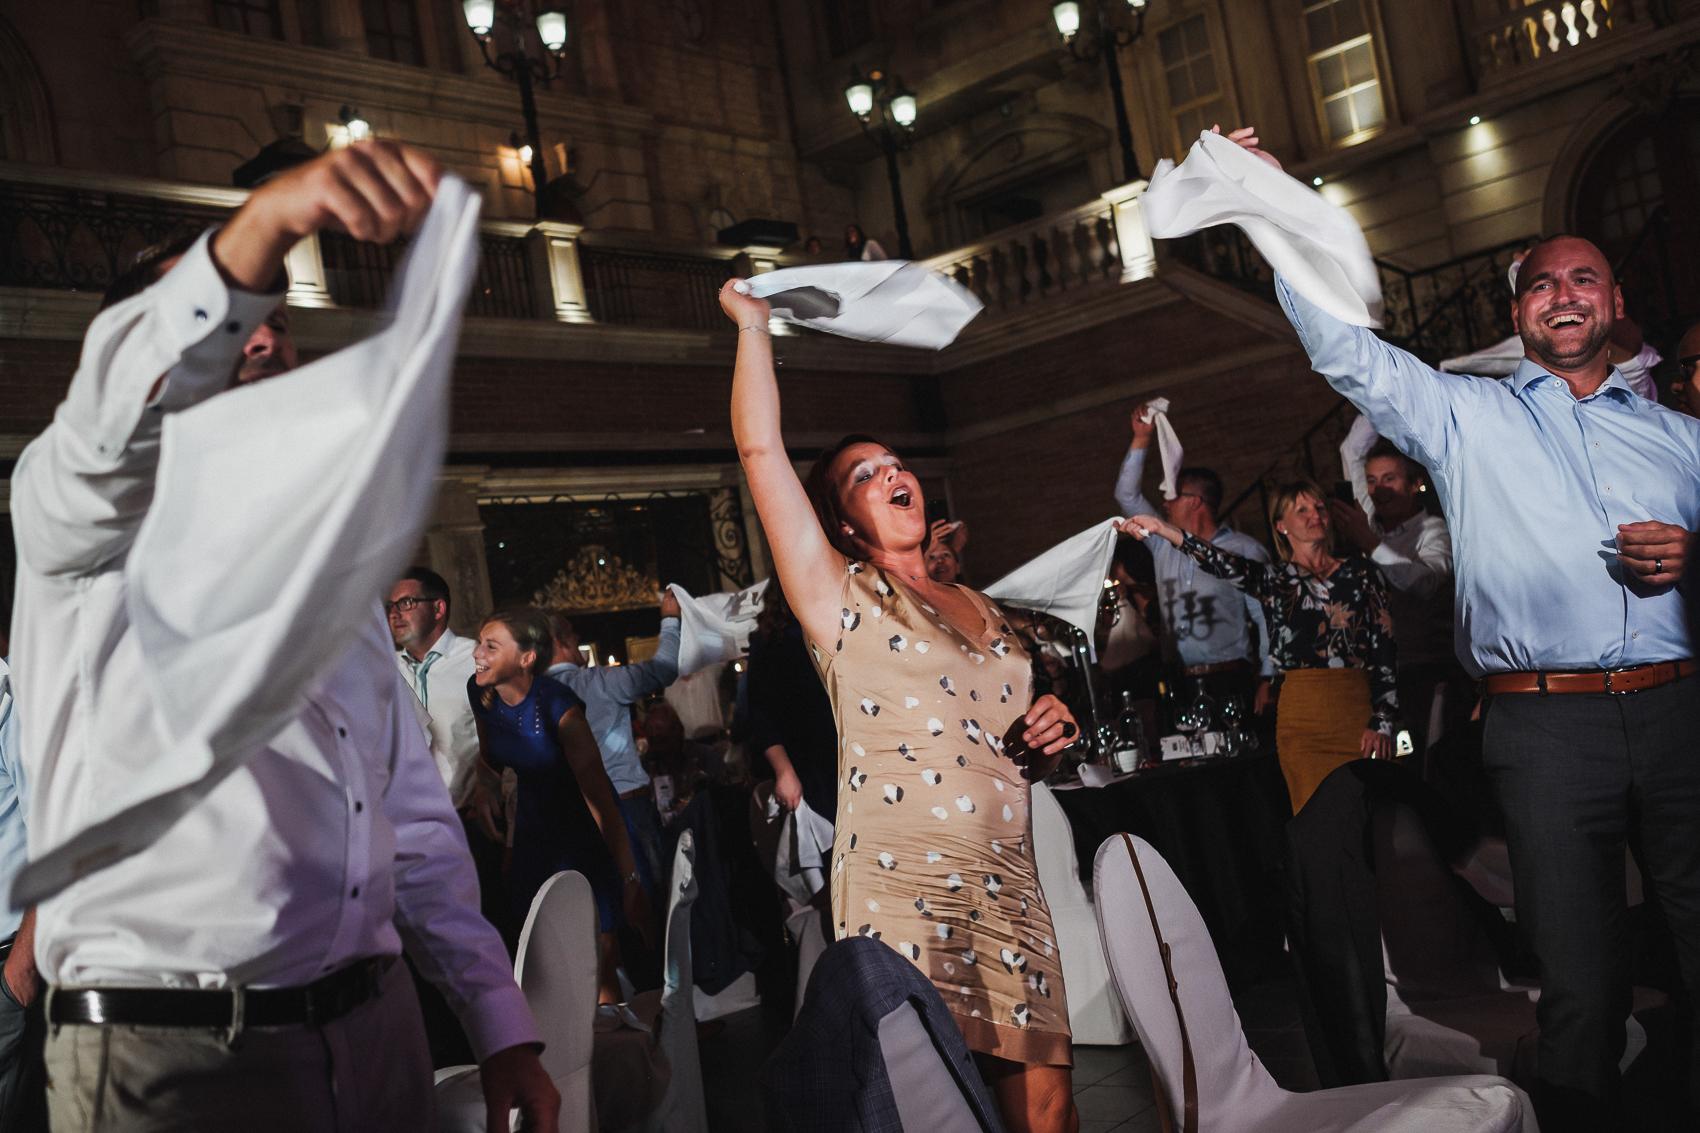 iso800 - huwleijksfotograaf Jill en Wesley Antwerpen-94.jpg